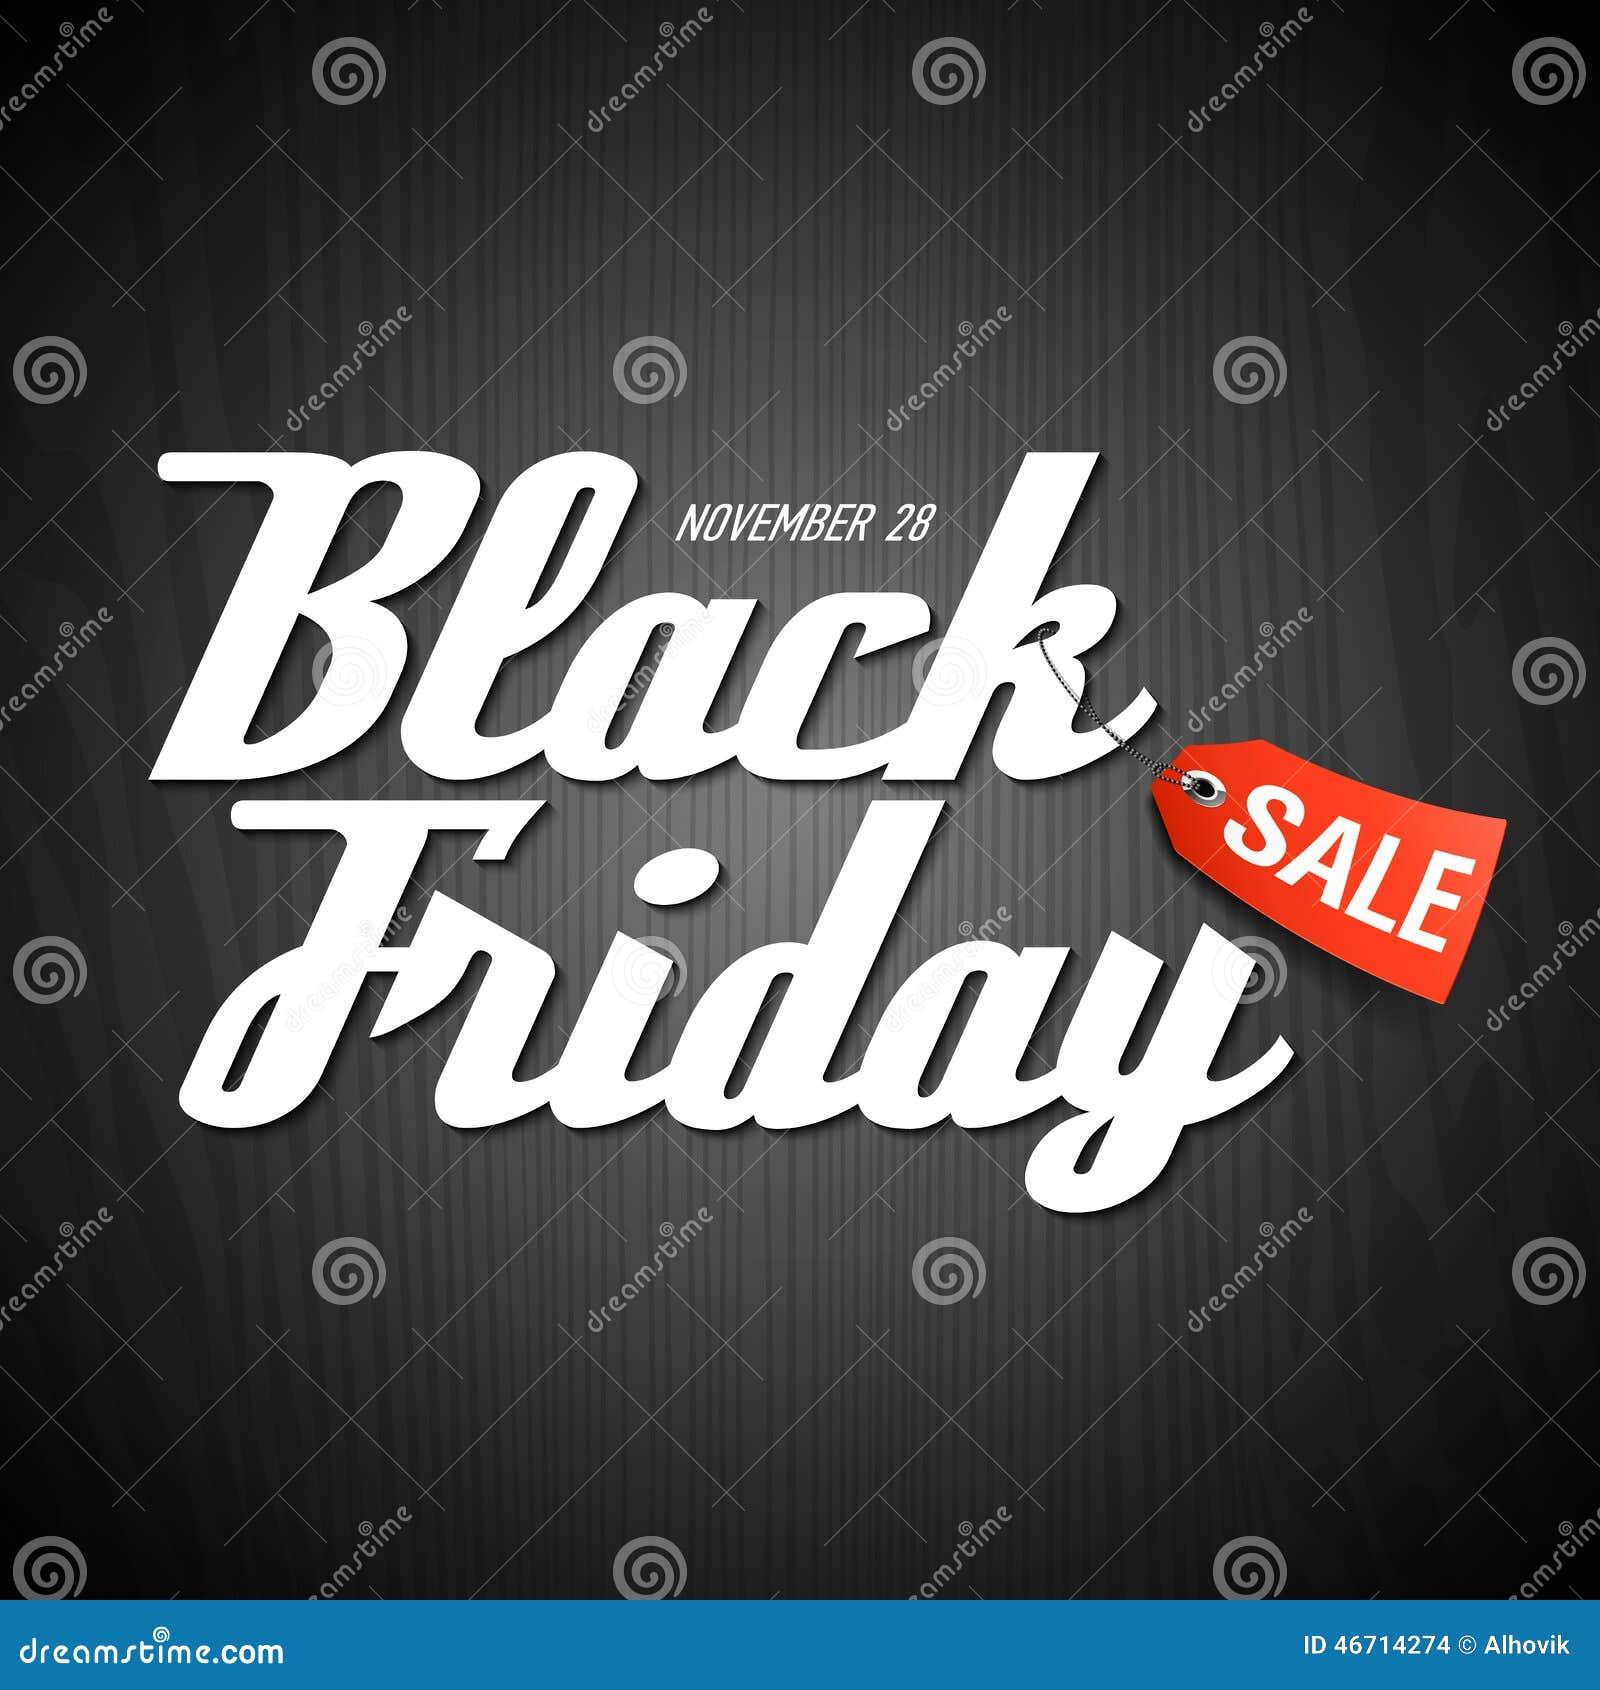 black friday sale poster stock vector image of label 46714274. Black Bedroom Furniture Sets. Home Design Ideas